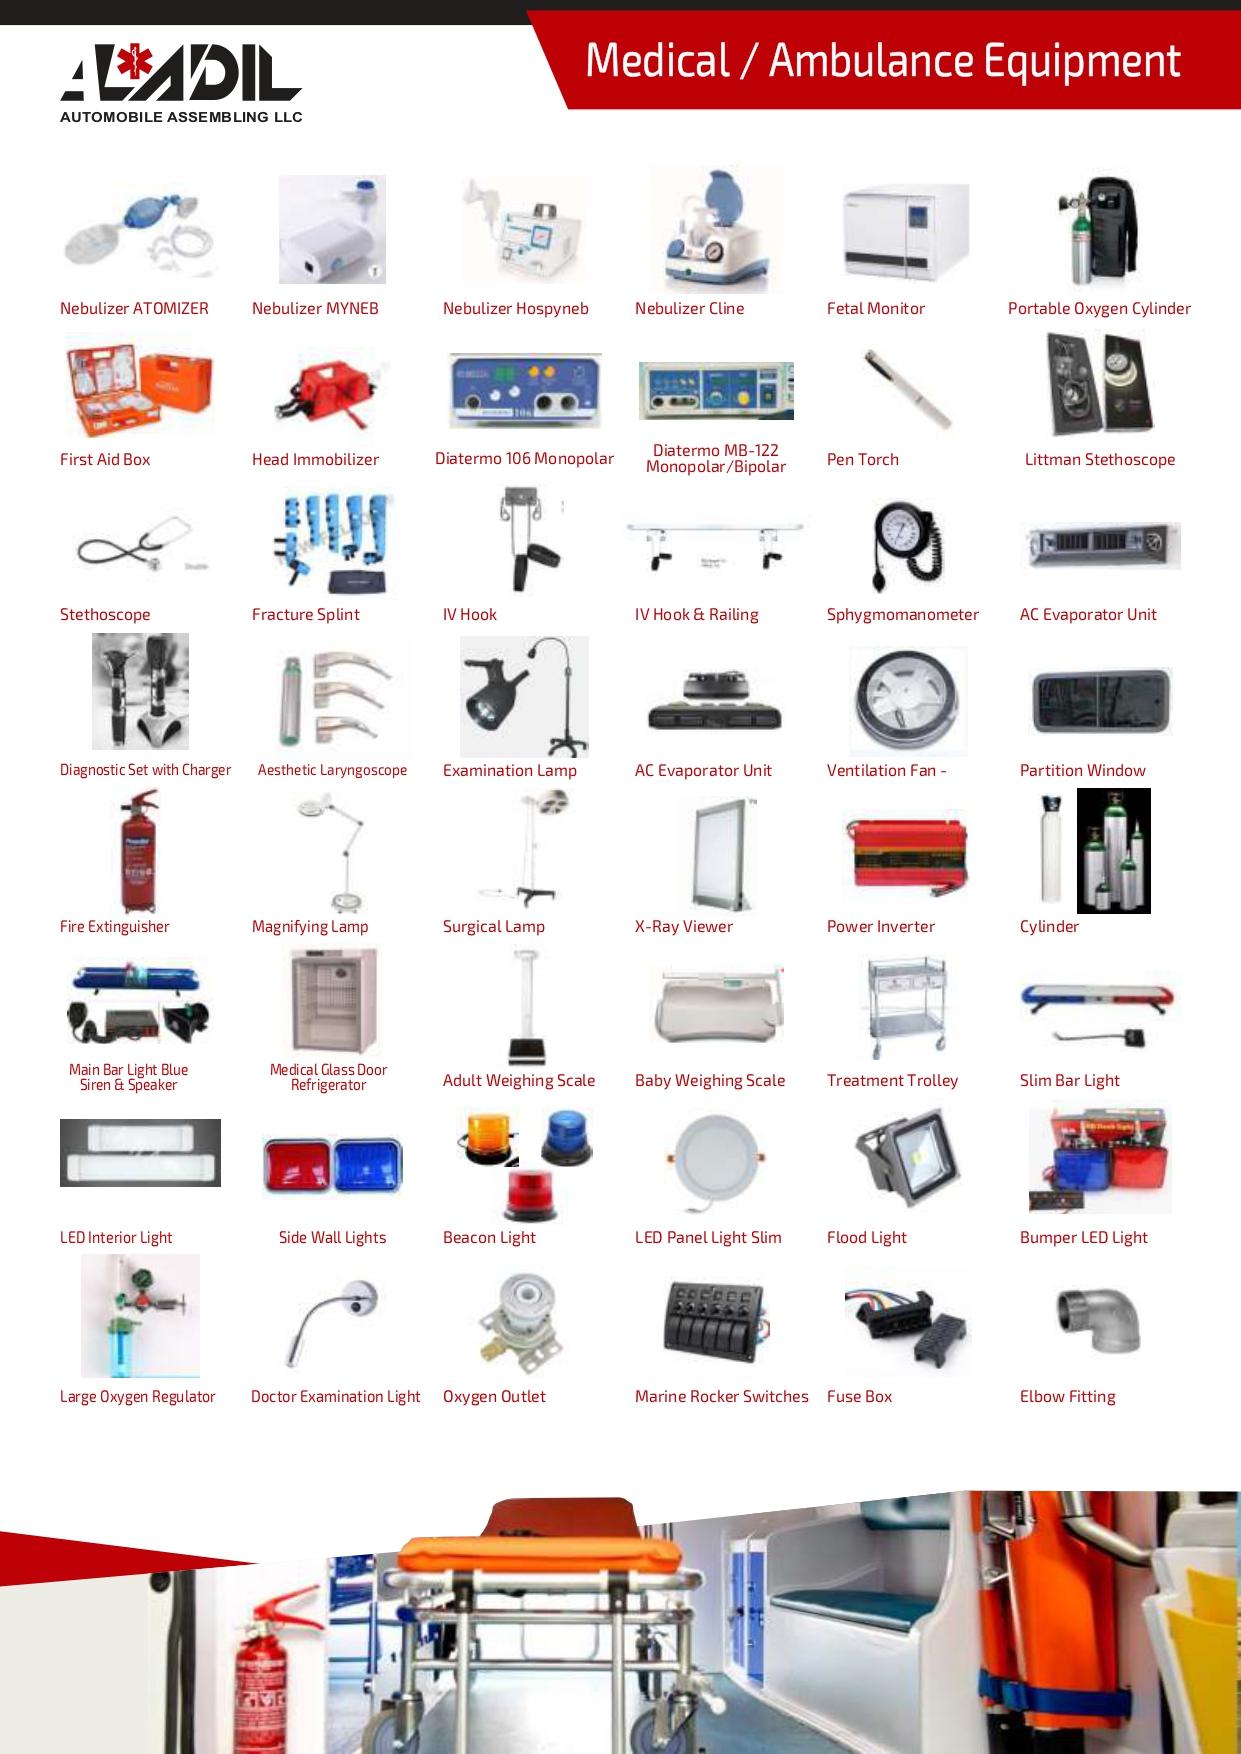 Medical Equipment Supplier in Dubai - UAE